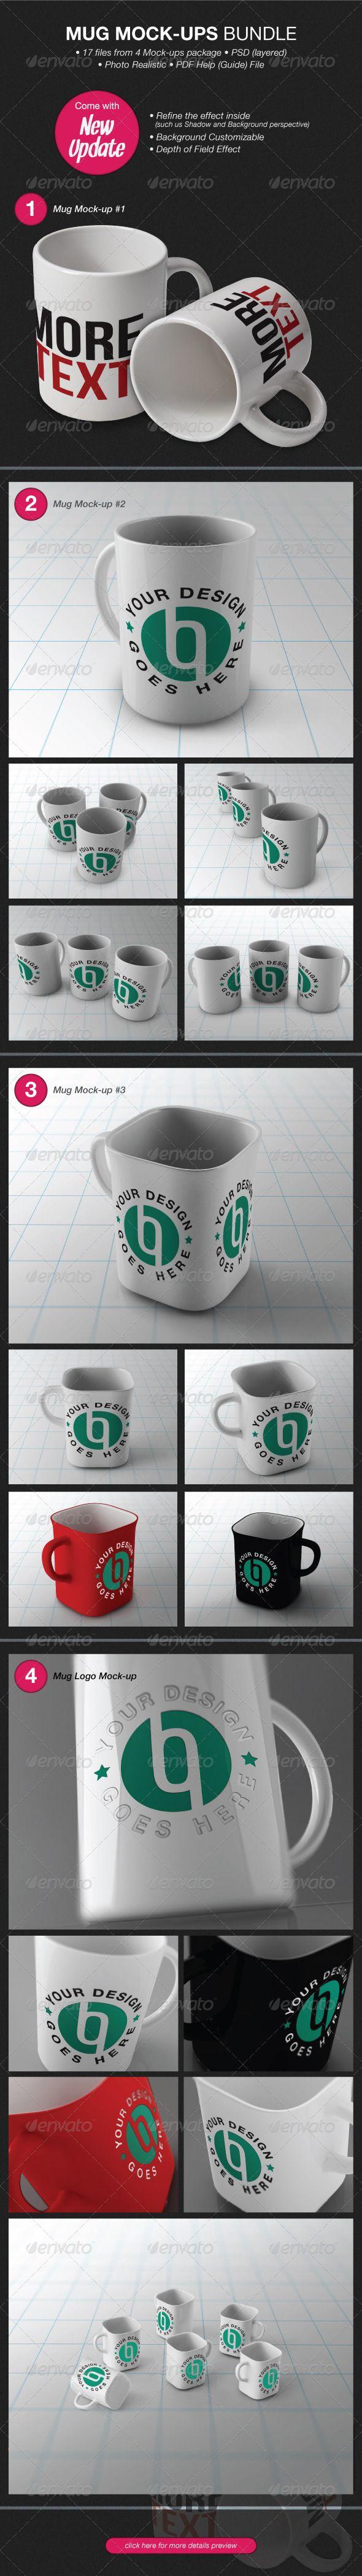 Mug Mock-Ups Bundle